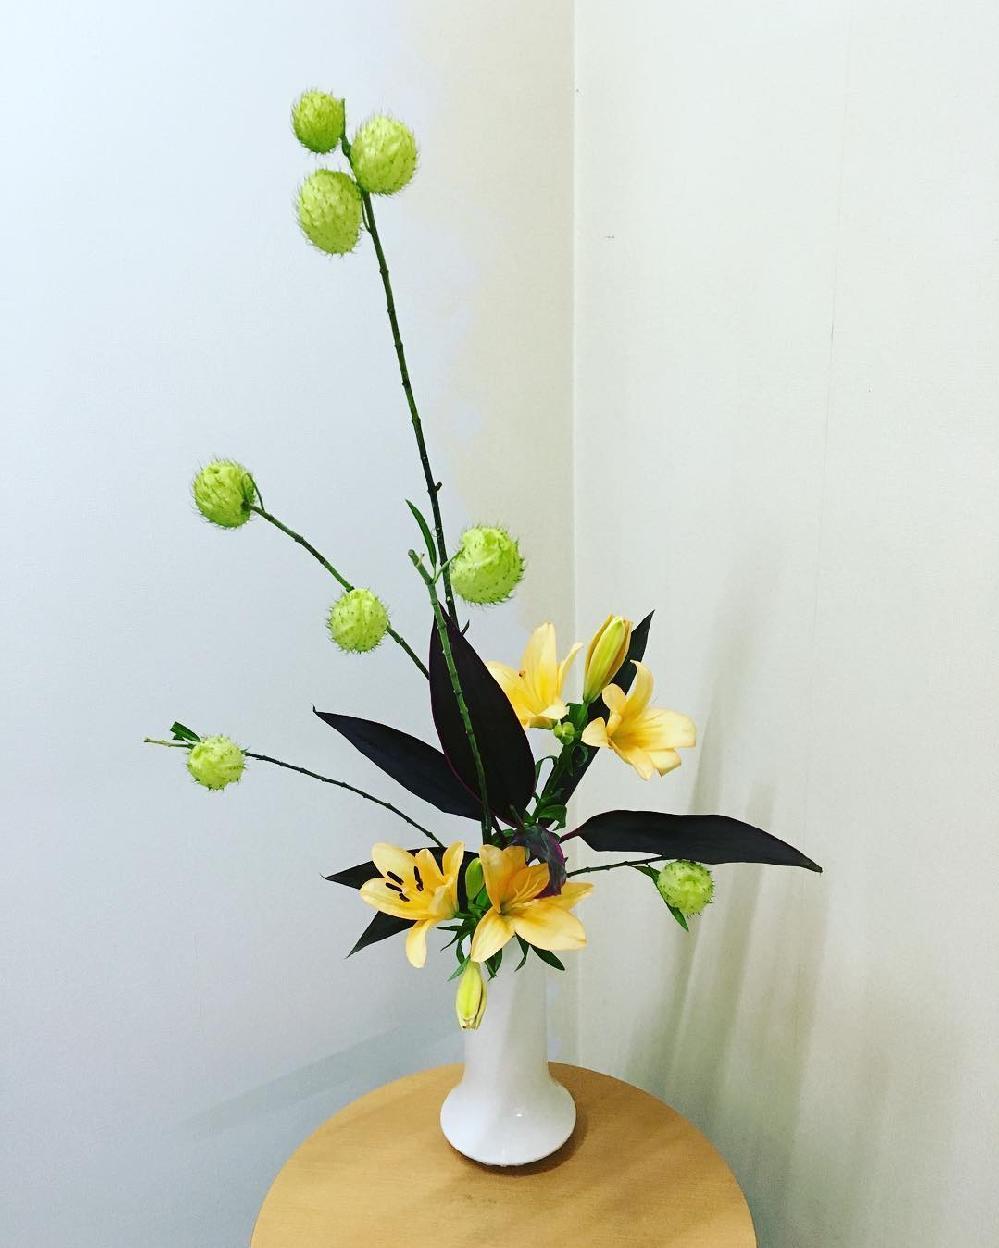 このチクチクしたお花なんて名前でしょう?